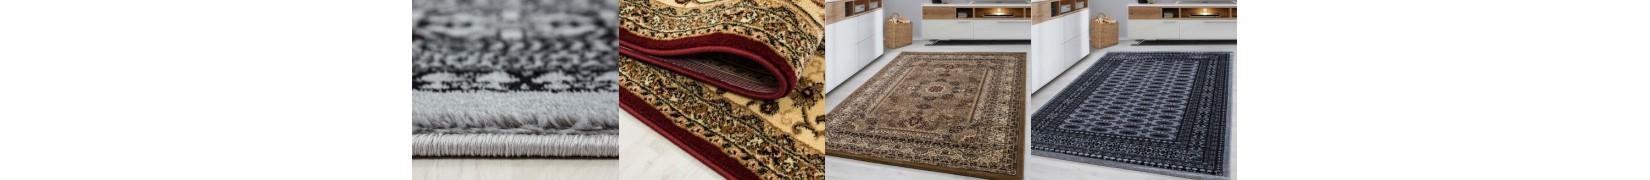 Dywany klasyczne do salonu wysokiej jakości. Oryginalne Marrakesh